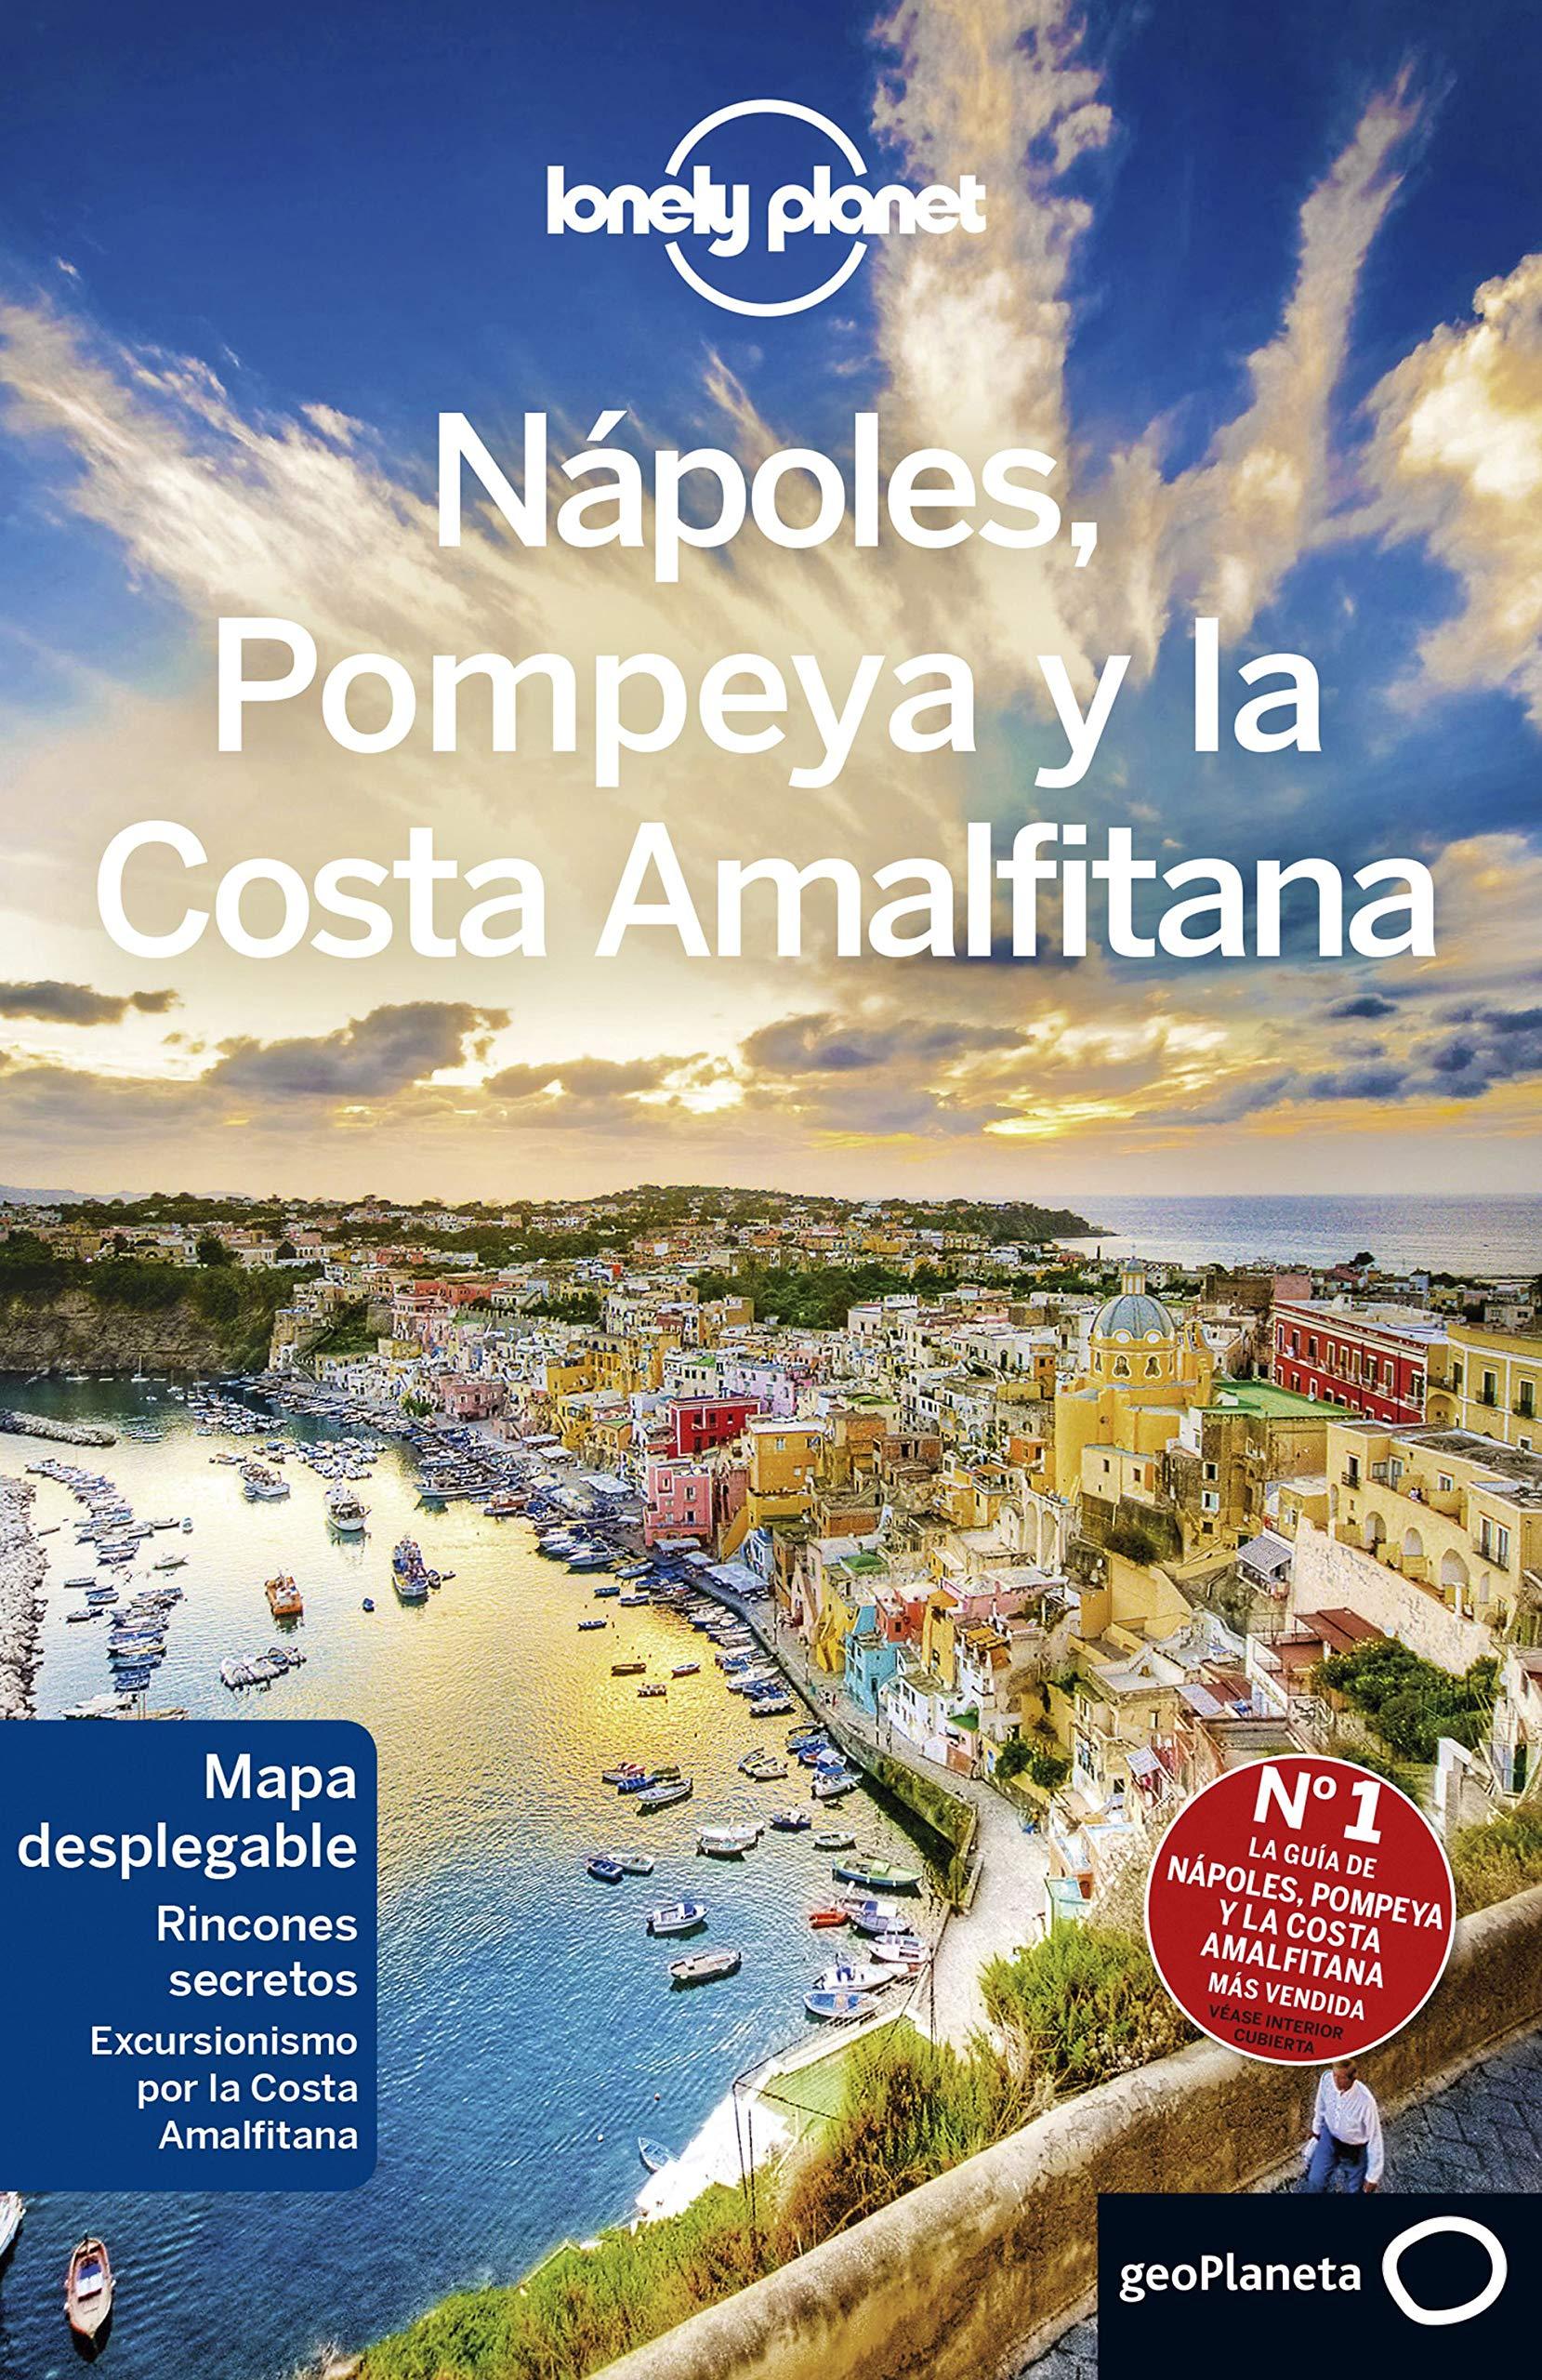 Nápoles, Pompeya y la Costa Amalfitana 3 (Guías de País Lonely Planet)